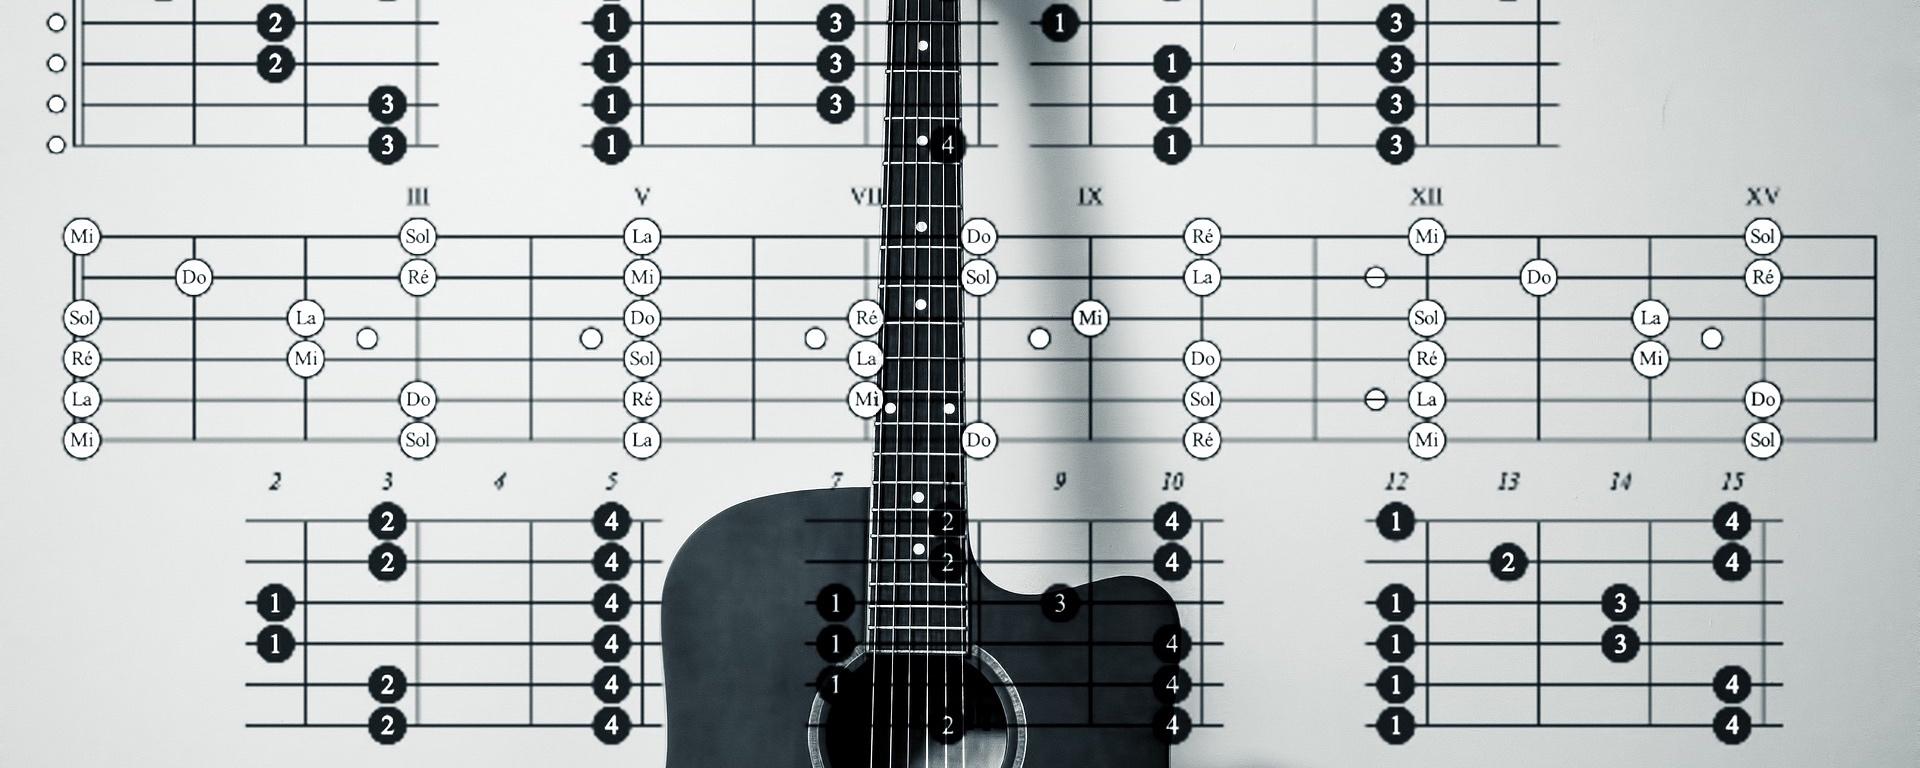 gitaarliedjes om te oefenen